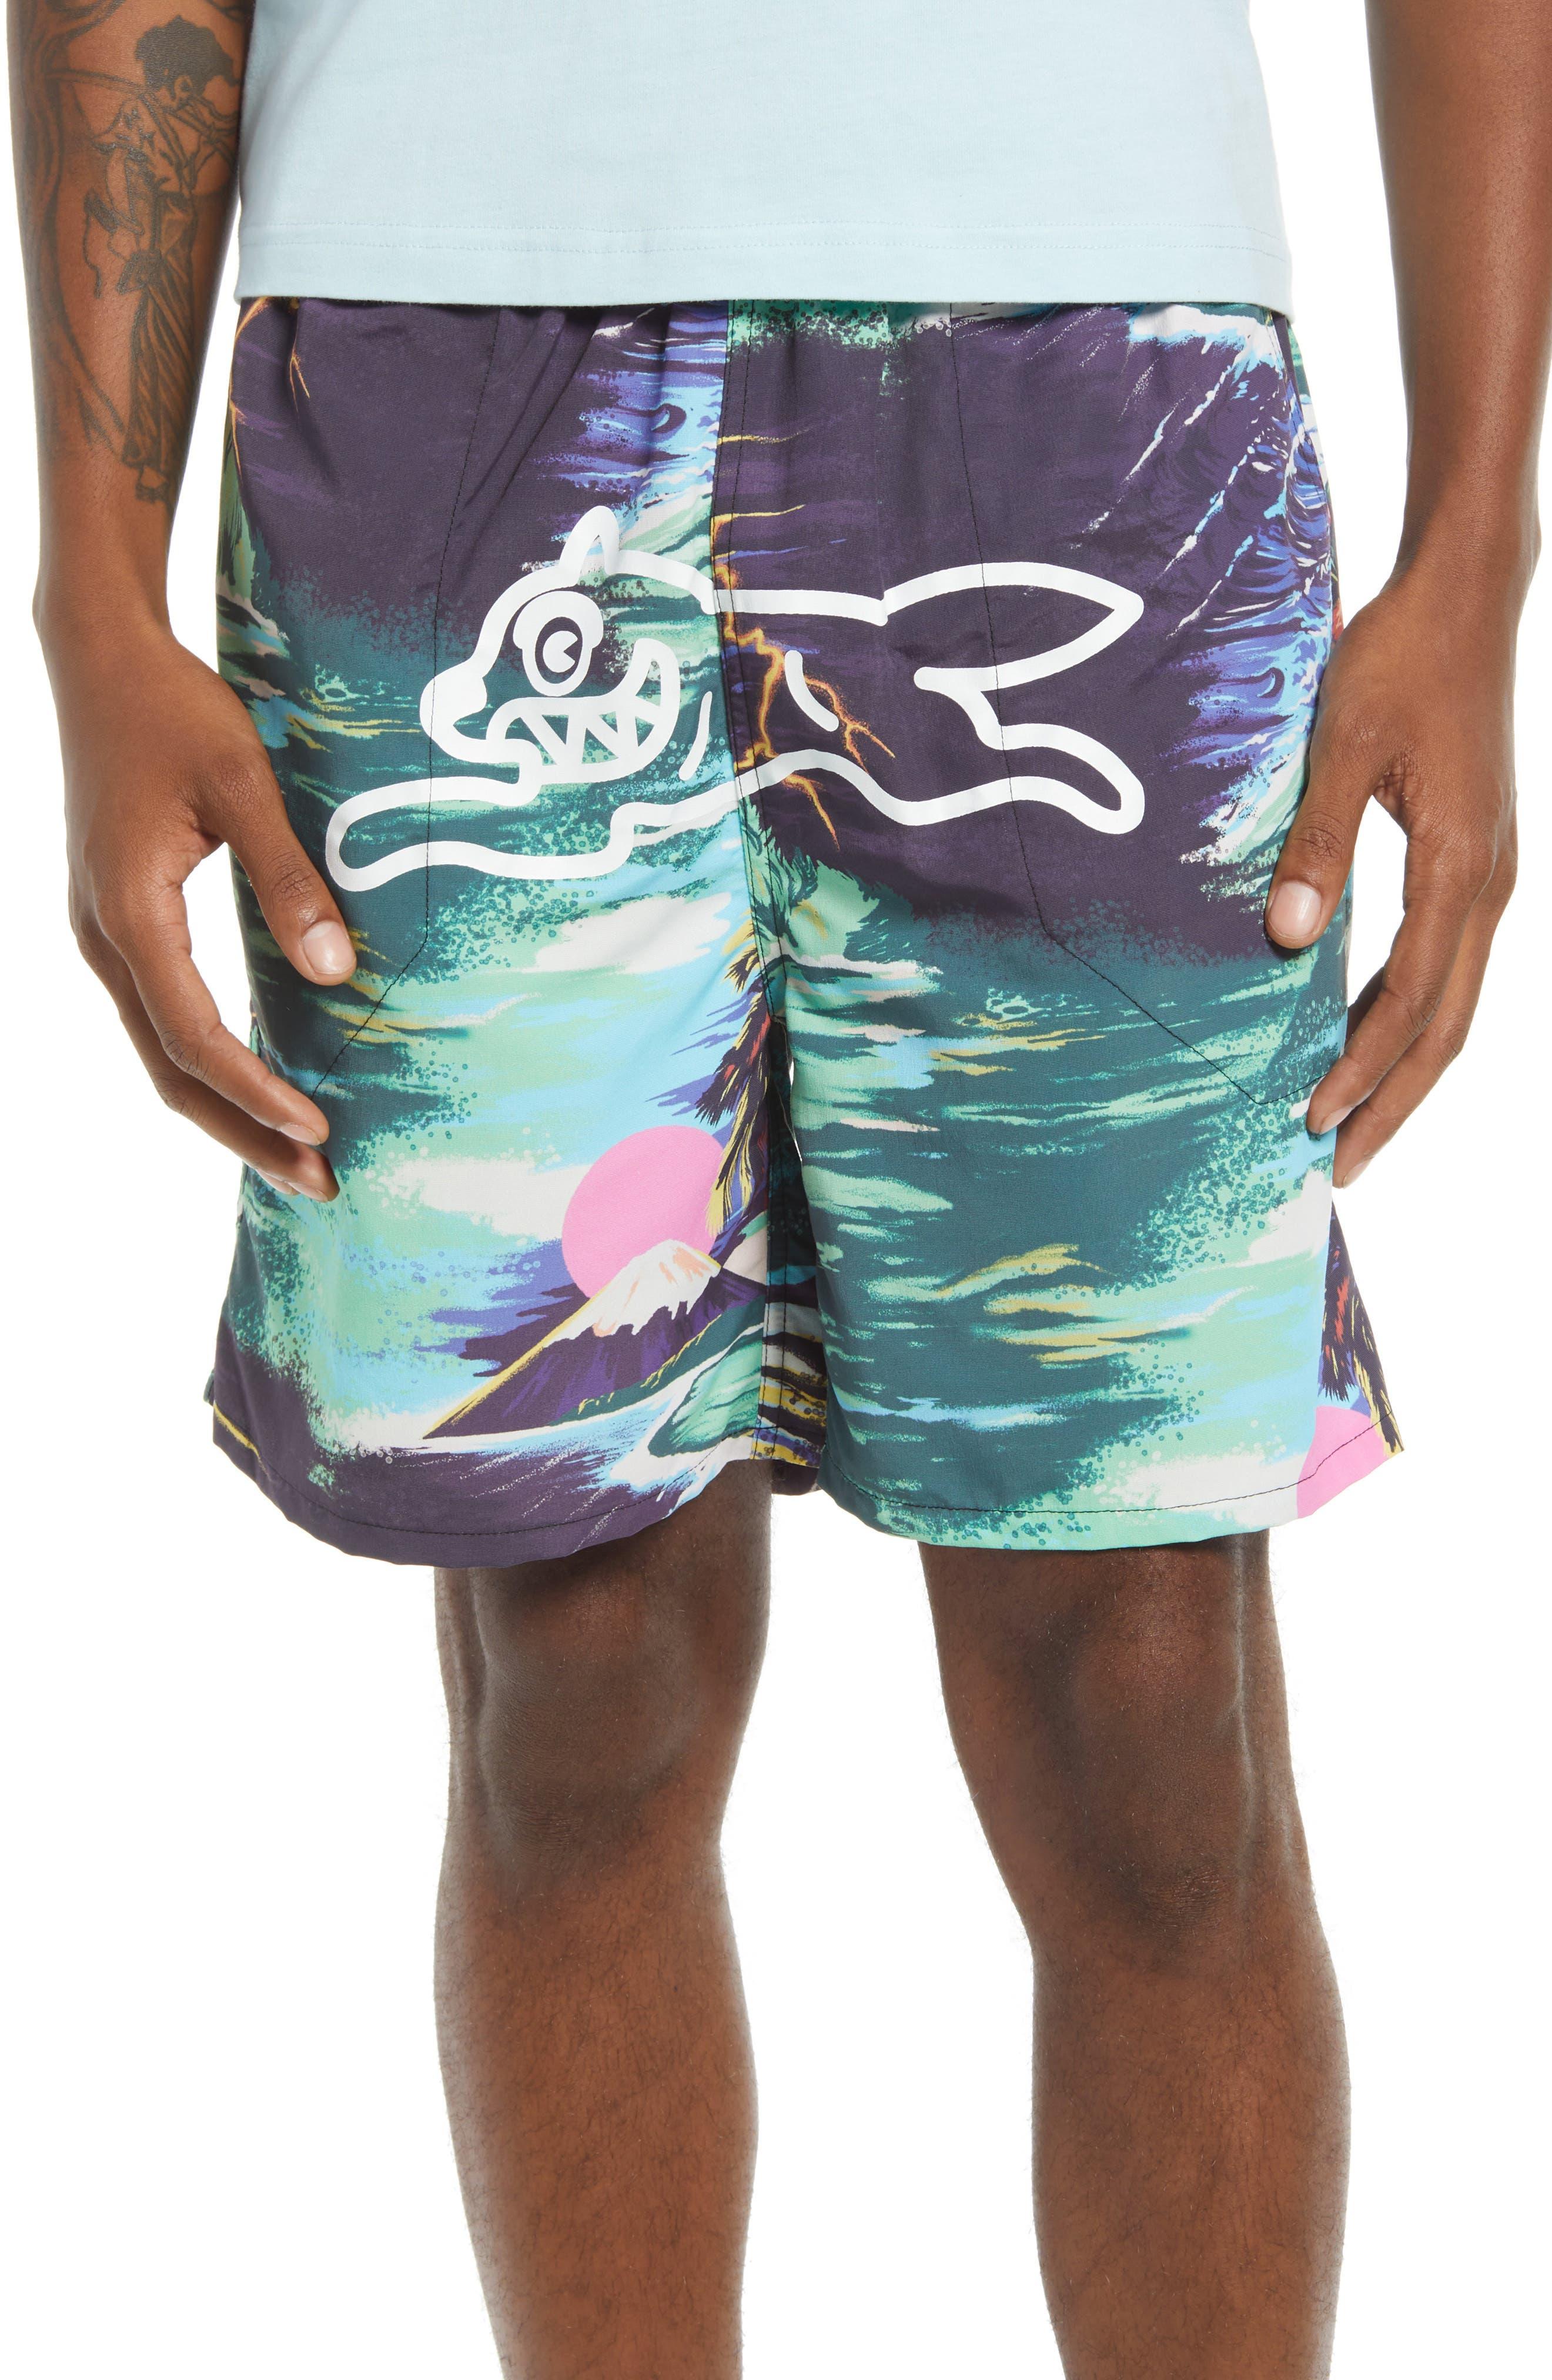 Guam Print Shorts